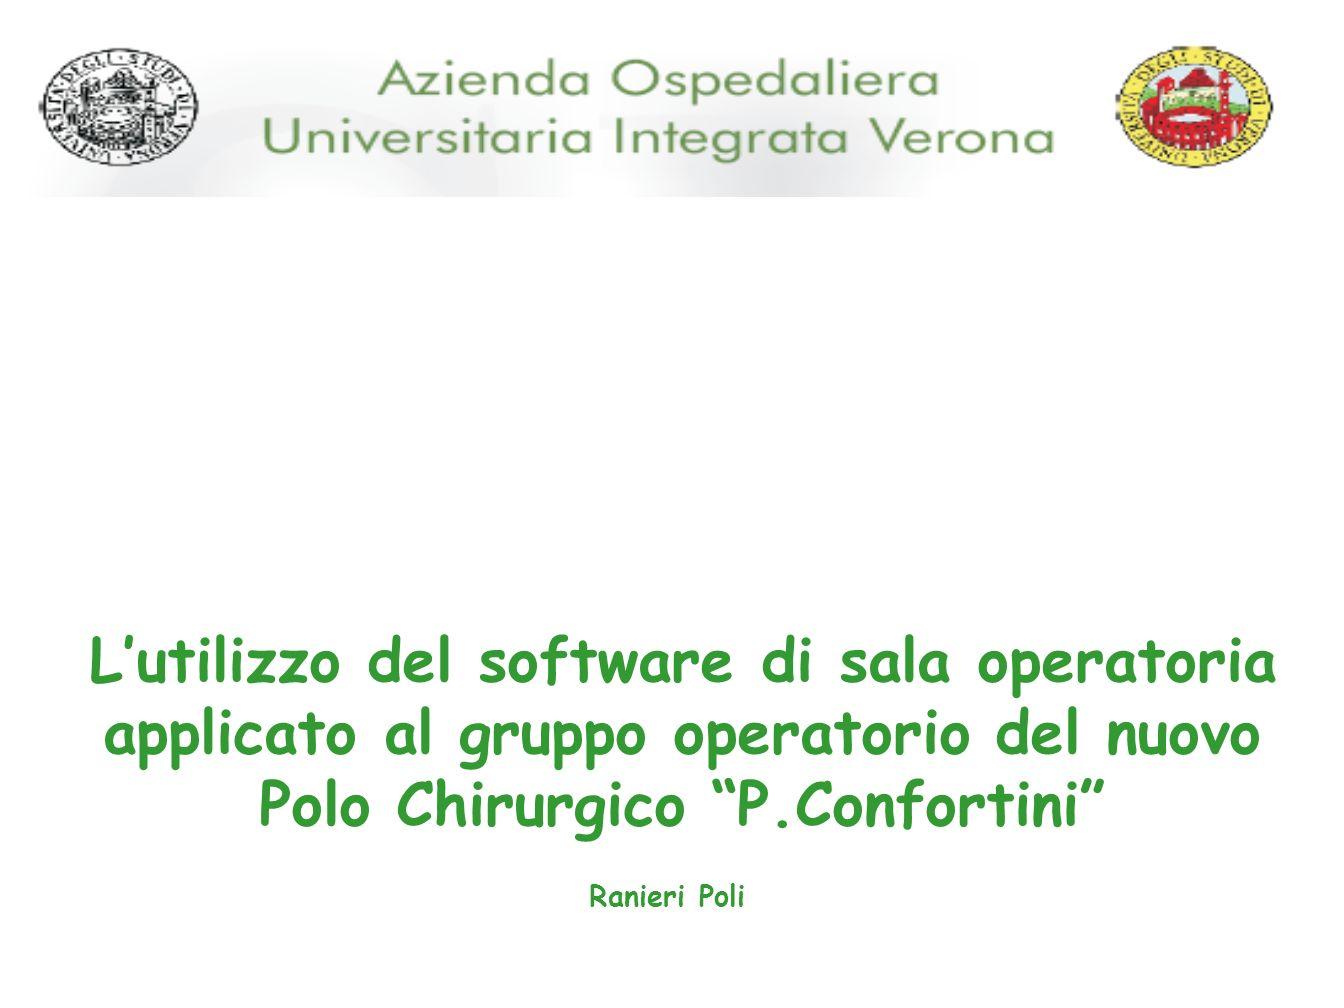 L'utilizzo del software di sala operatoria applicato al gruppo operatorio del nuovo Polo Chirurgico P.Confortini